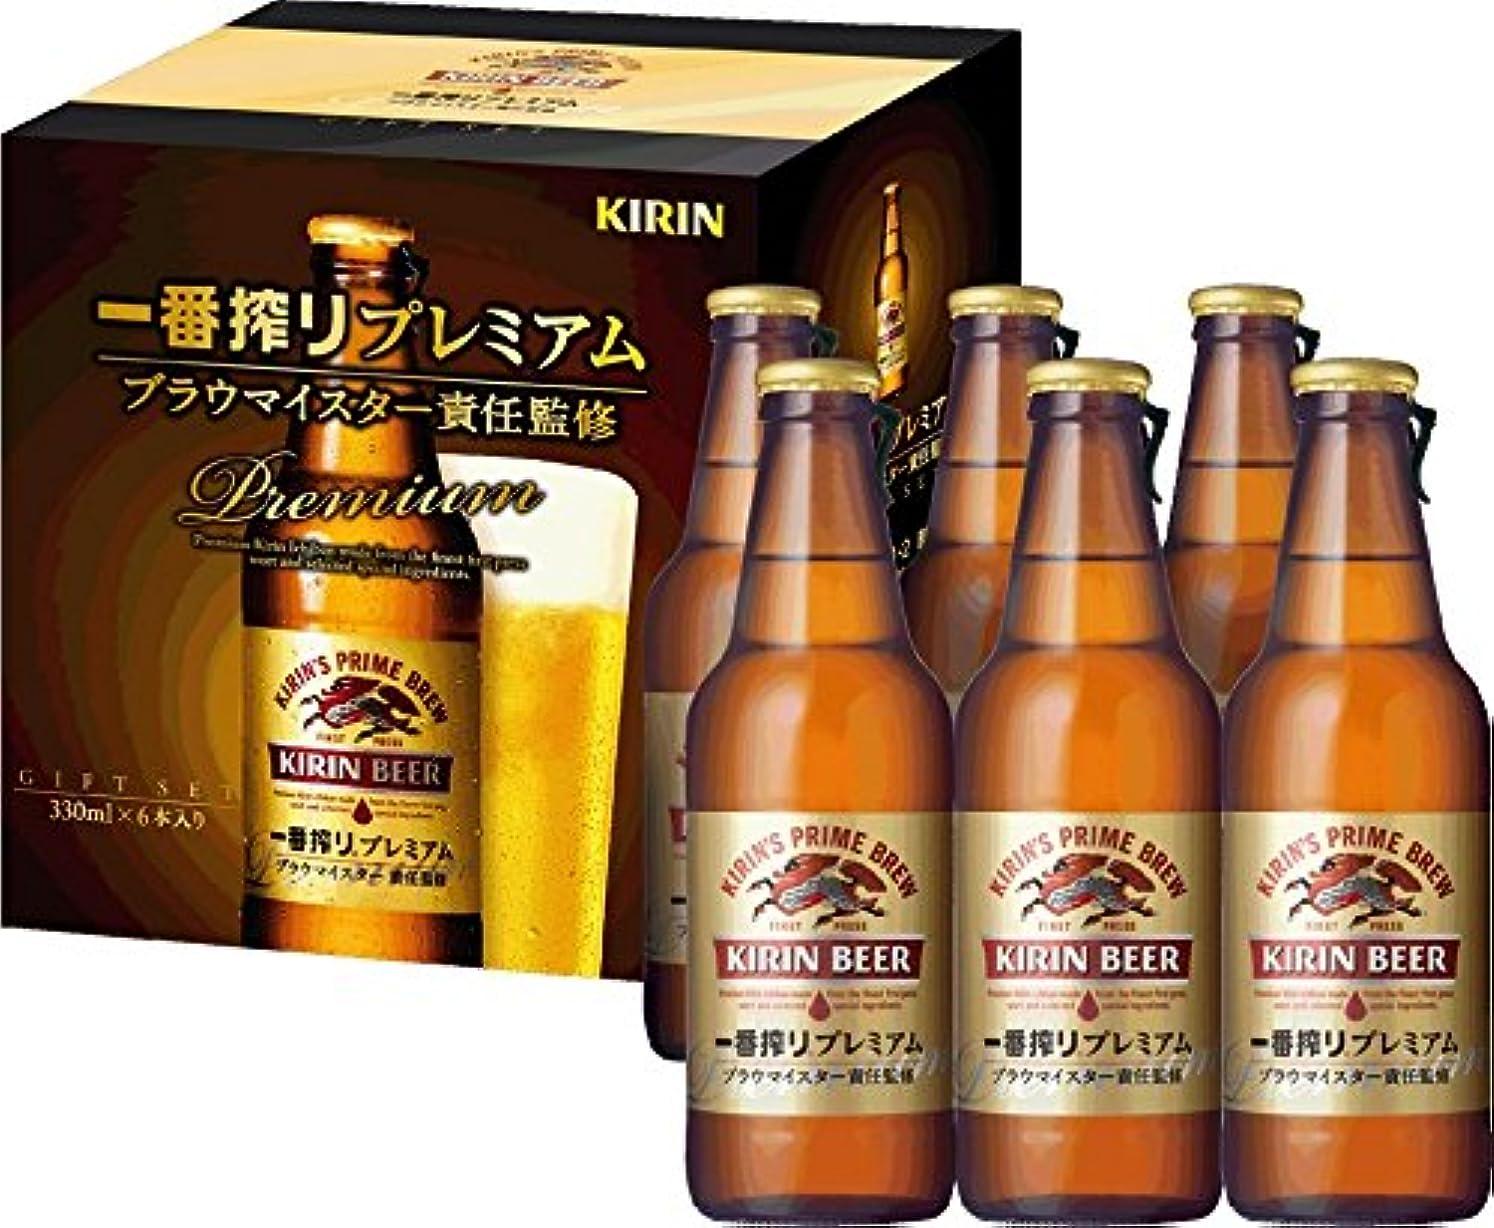 ページ簡単に木アサヒ スーパードライプレミアム 香りの琥珀 ビールギフト SK-3N [ 350ml×12缶 ]